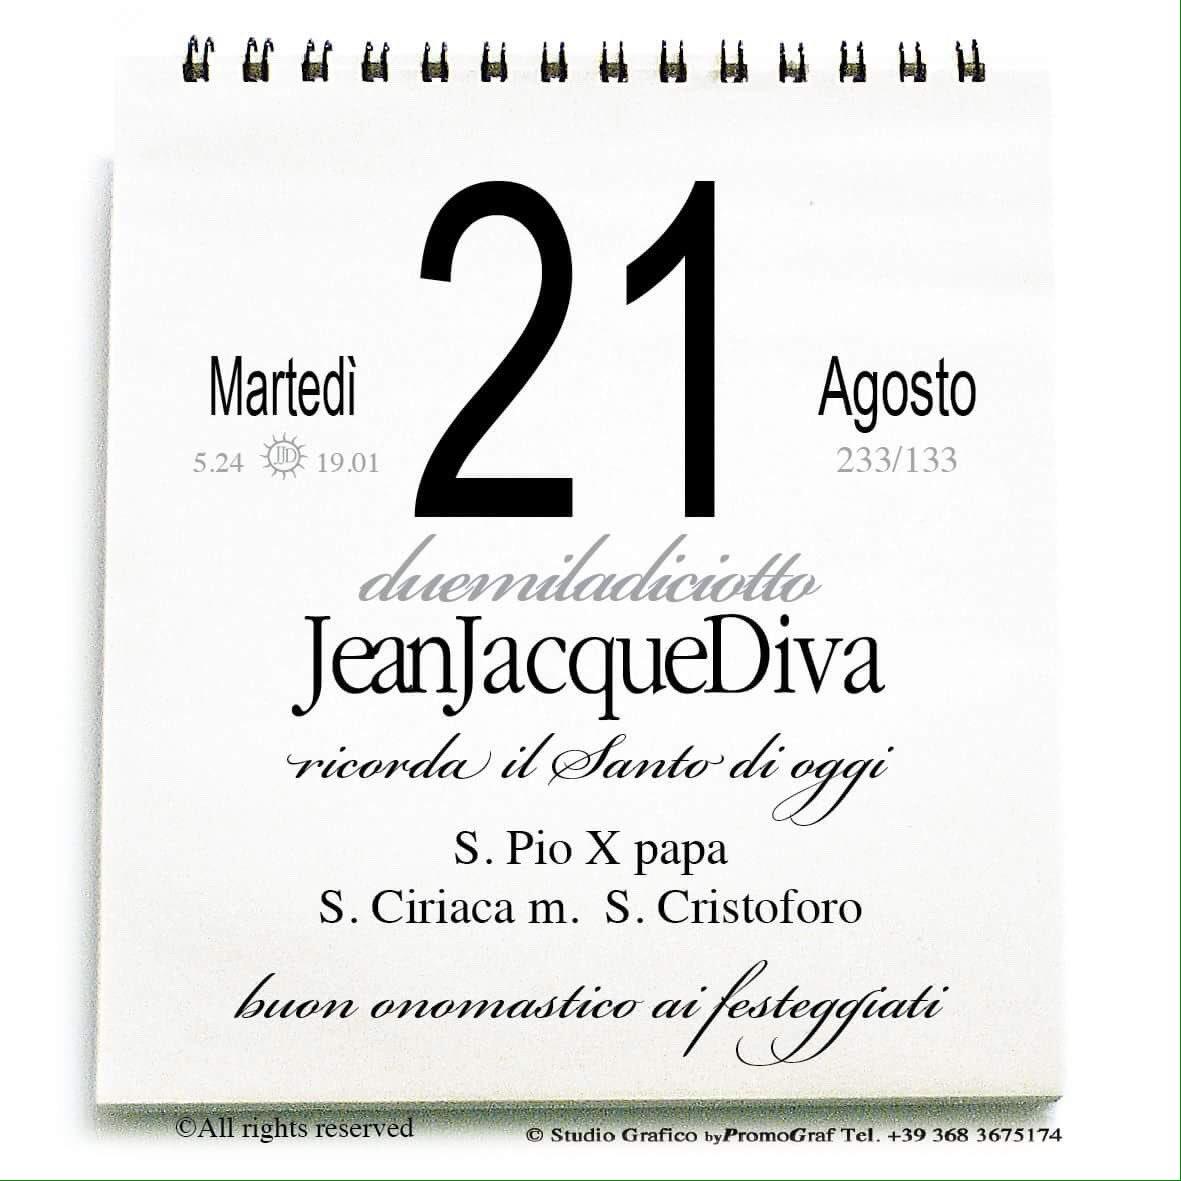 Santi Del Calendario.Jeanjacquediva On Twitter Buondi